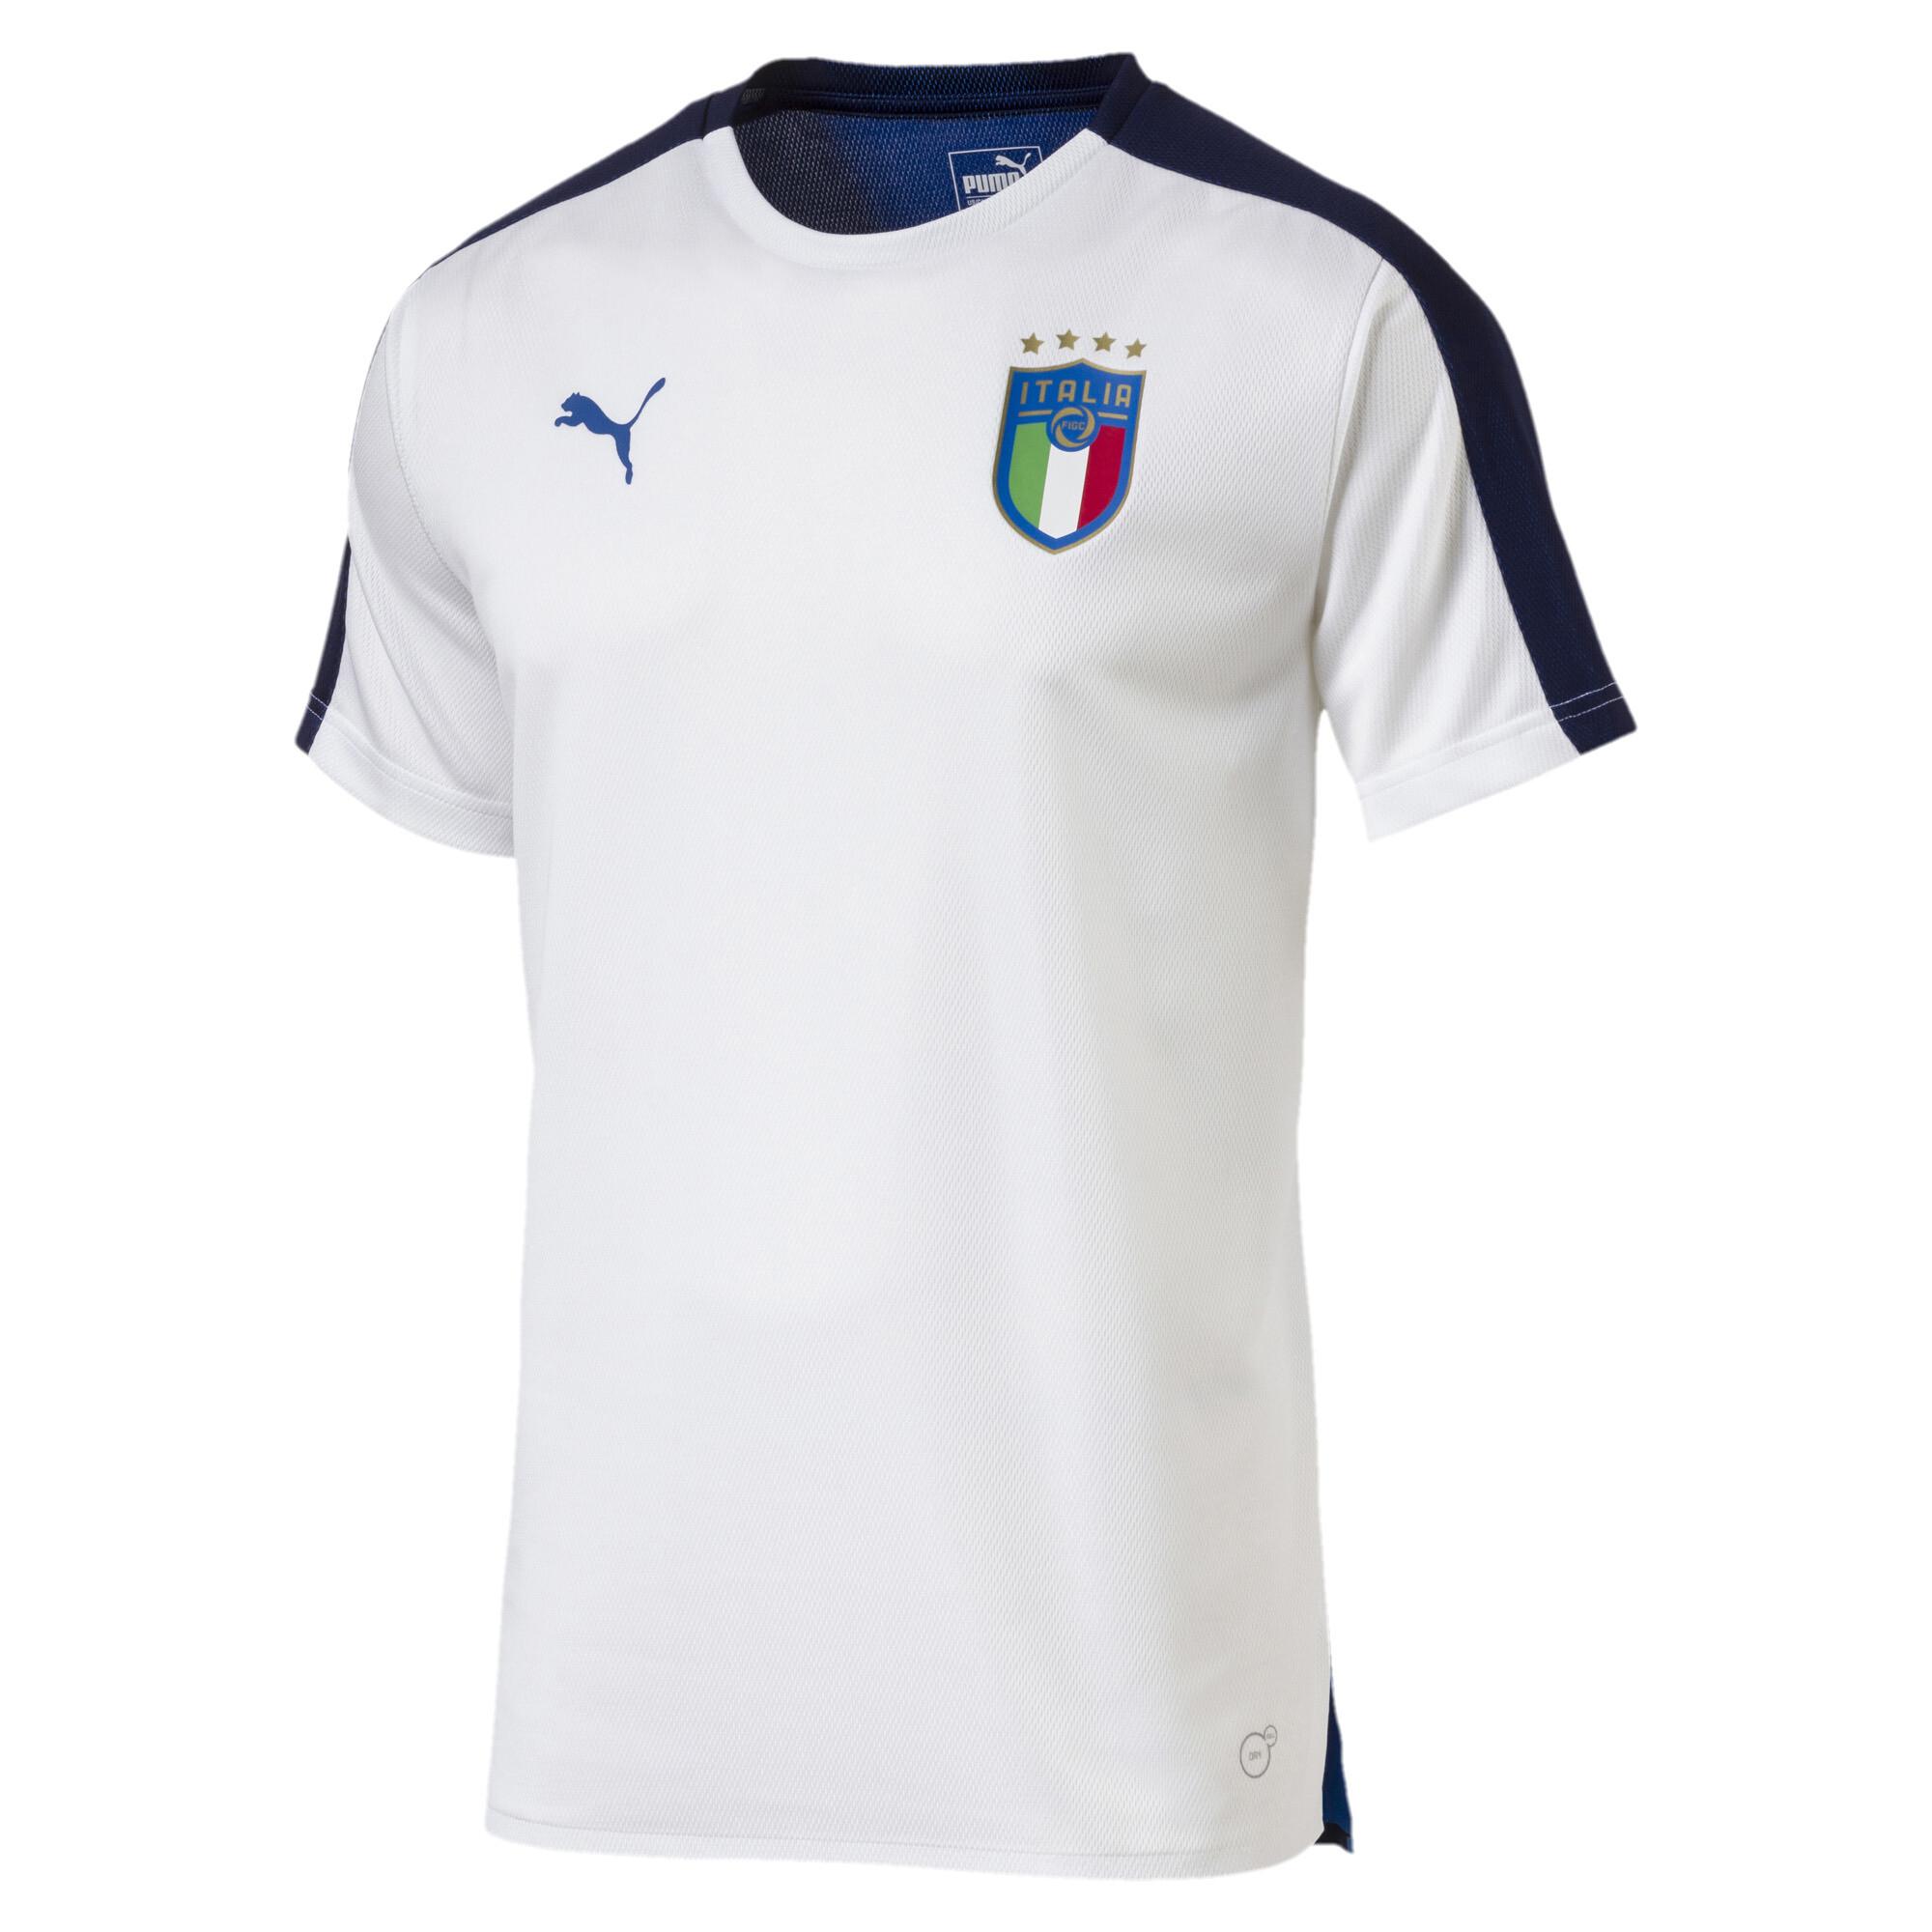 【プーマ公式通販】 プーマ FIGC ITALIA スタジアムジャージー SS メンズ Puma White-Team power blue |PUMA.com